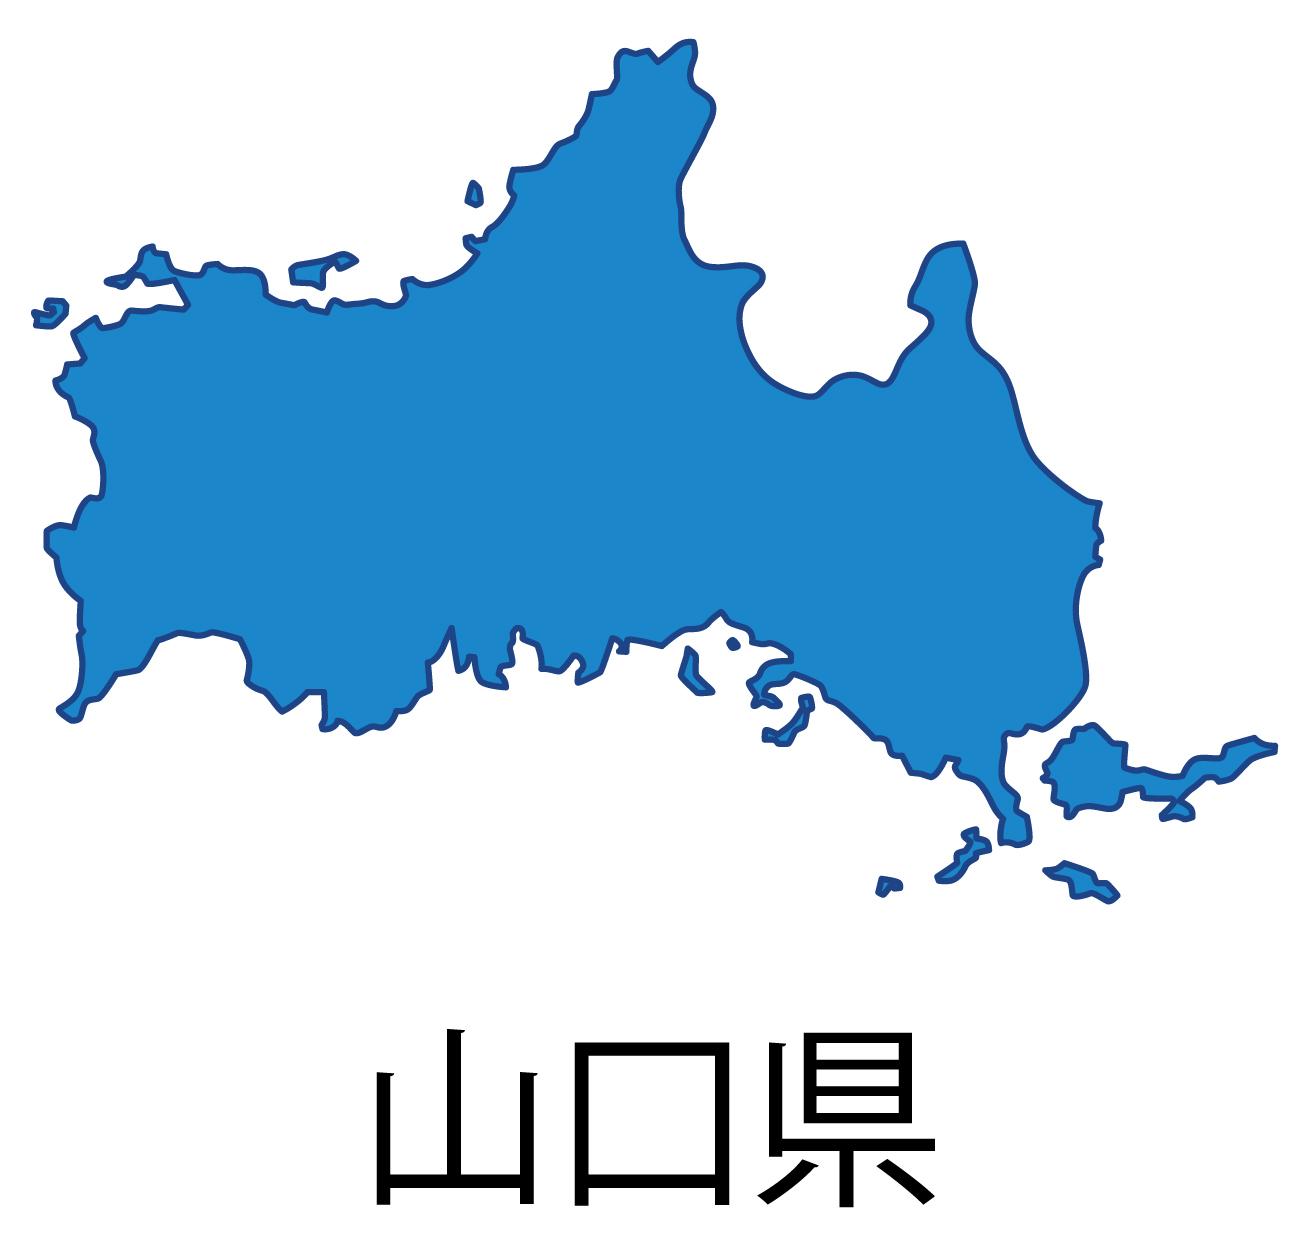 山口県無料フリーイラスト|日本語・都道府県名あり(青)